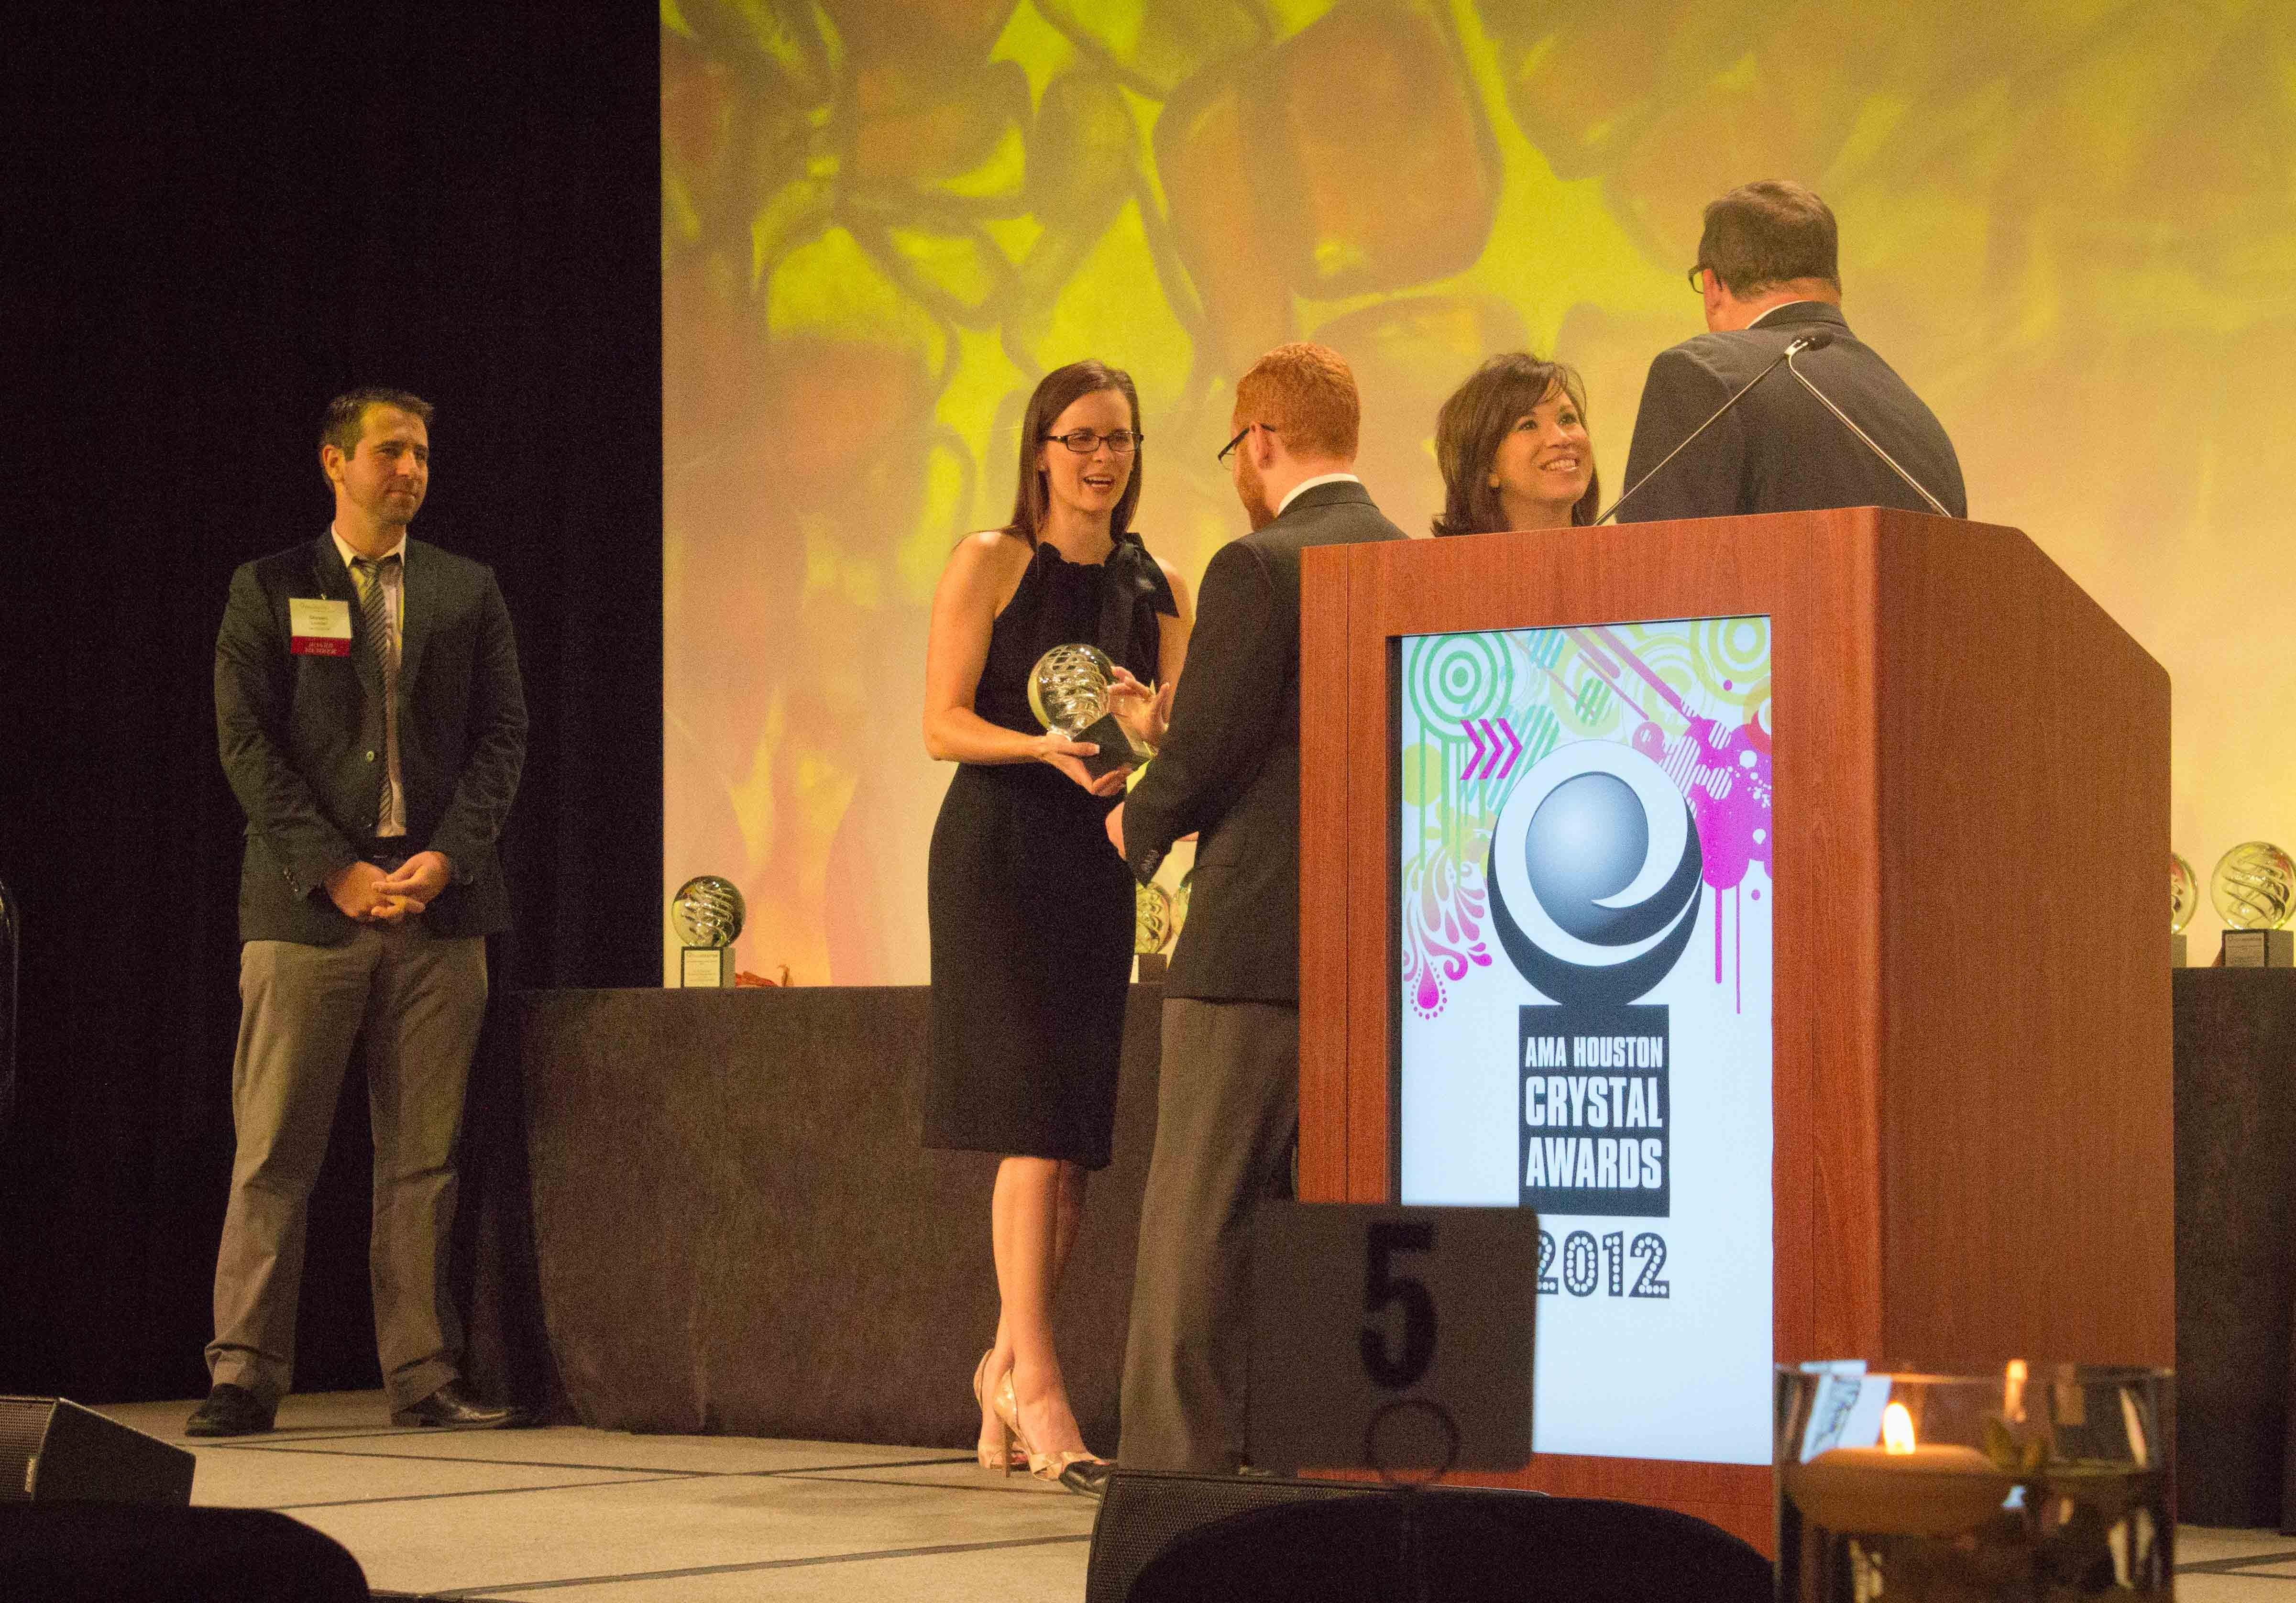 AMA Houston Crystal Awards Gala 2012